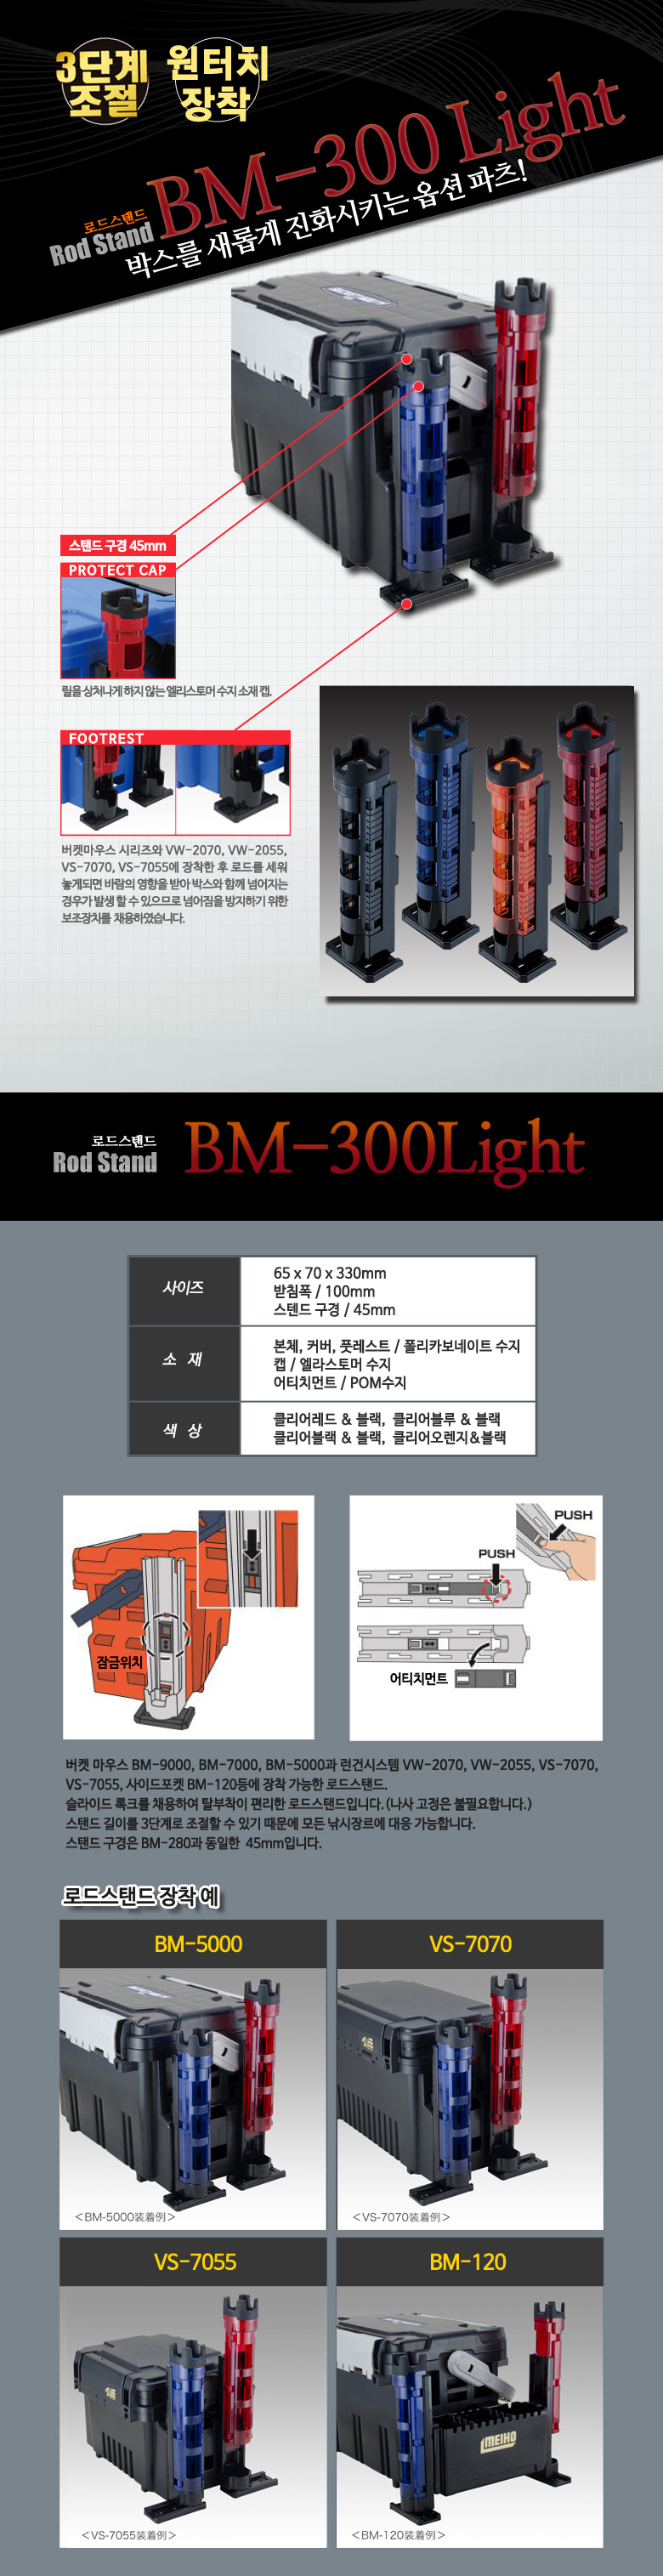 메이호 로드스텐드 BM-300 (라이트)  로드스탠드 로드거치대 낚시대거치대 낚싯대거치대 rodstand BM-300L